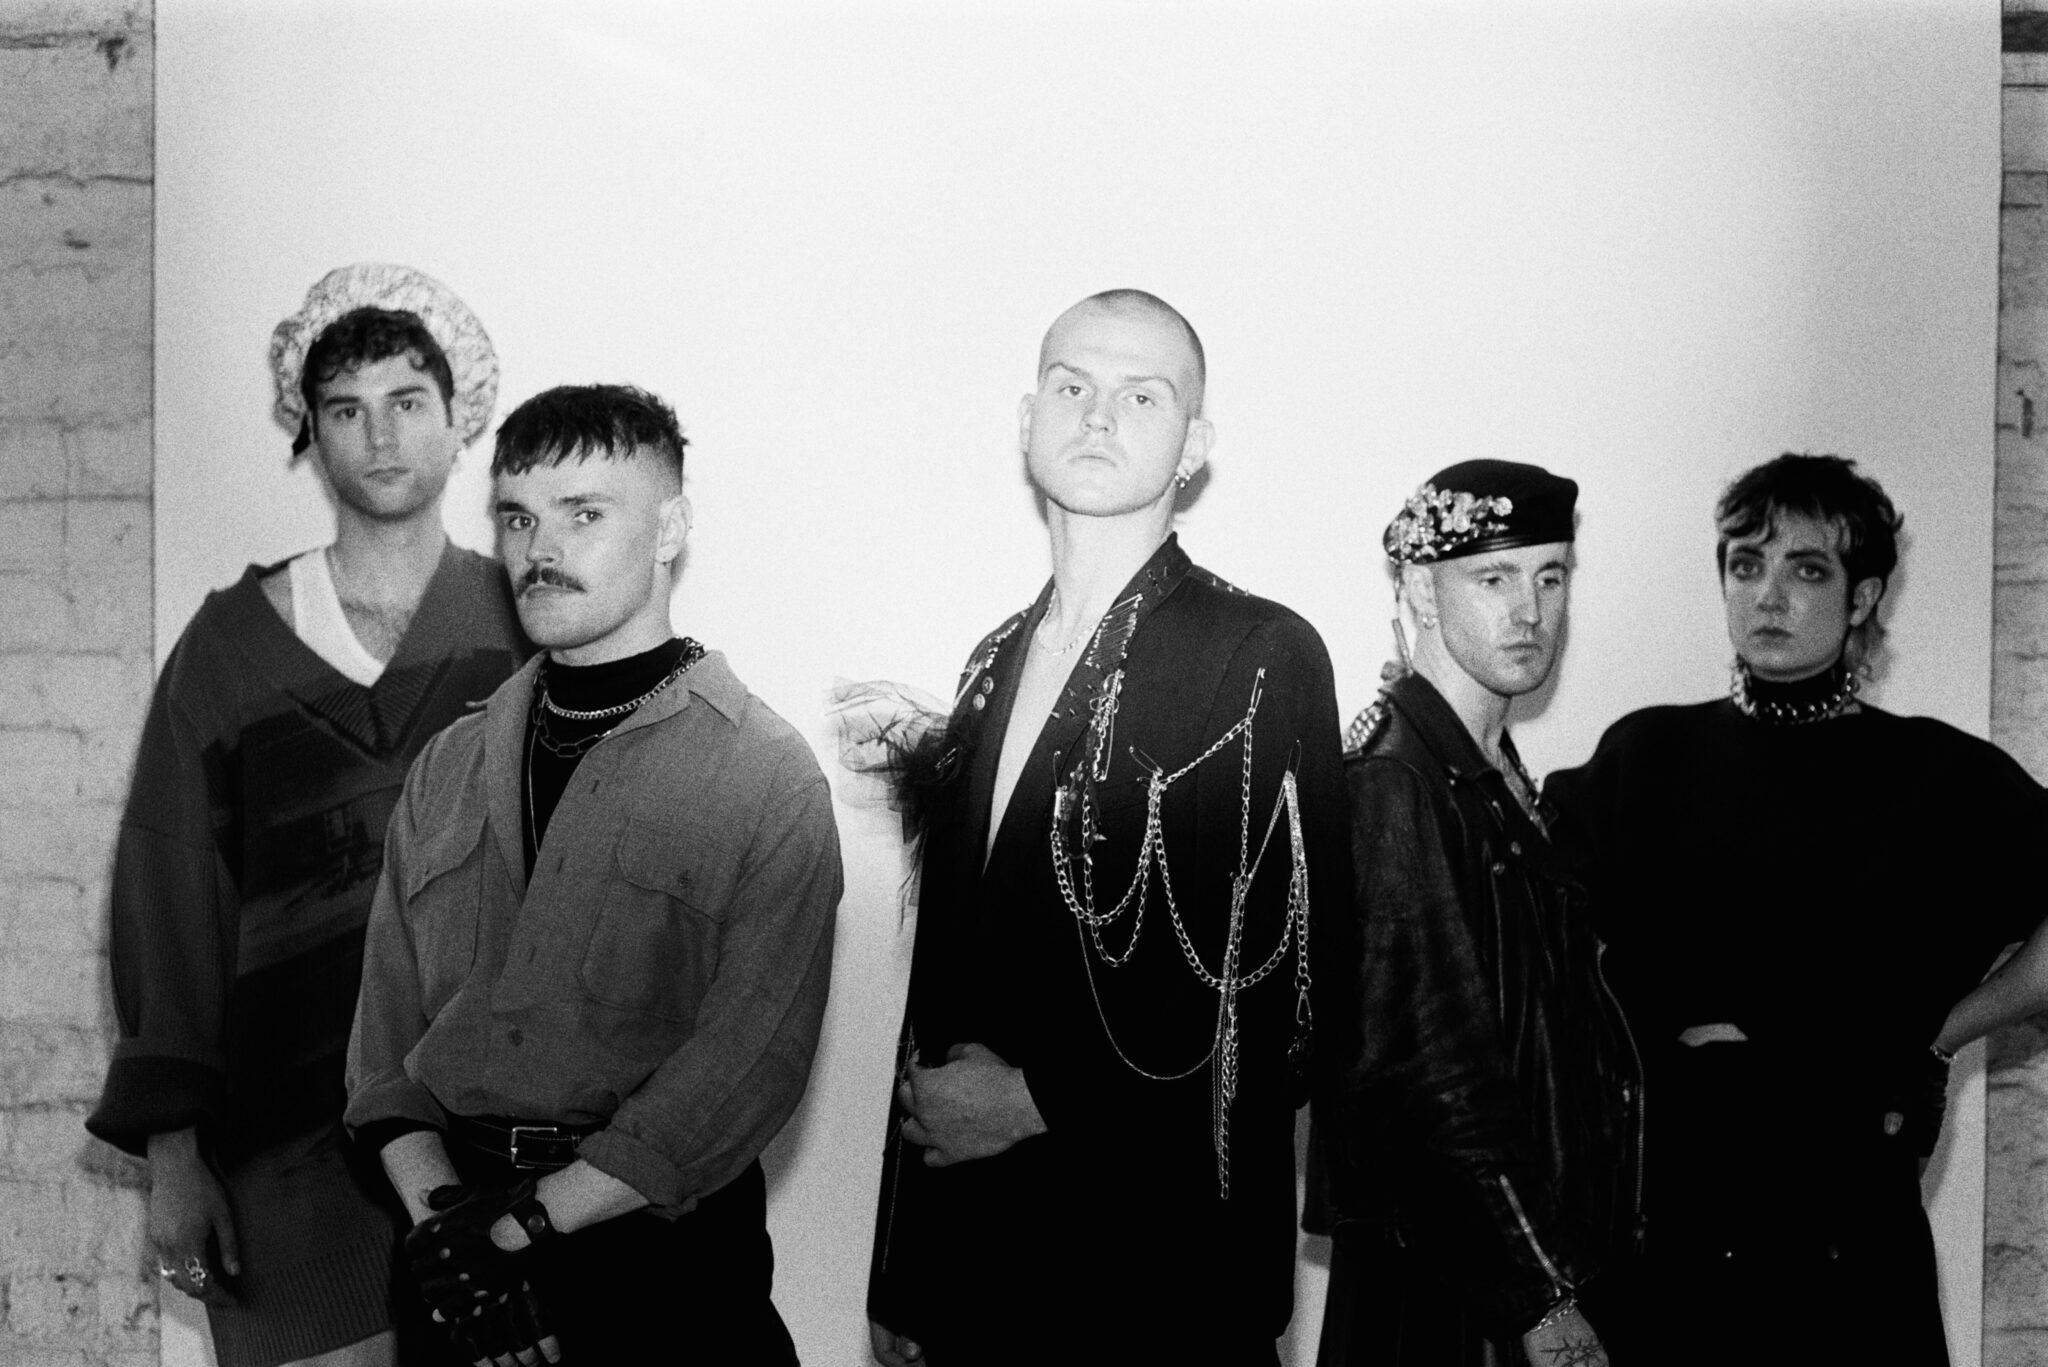 Vlure band photo